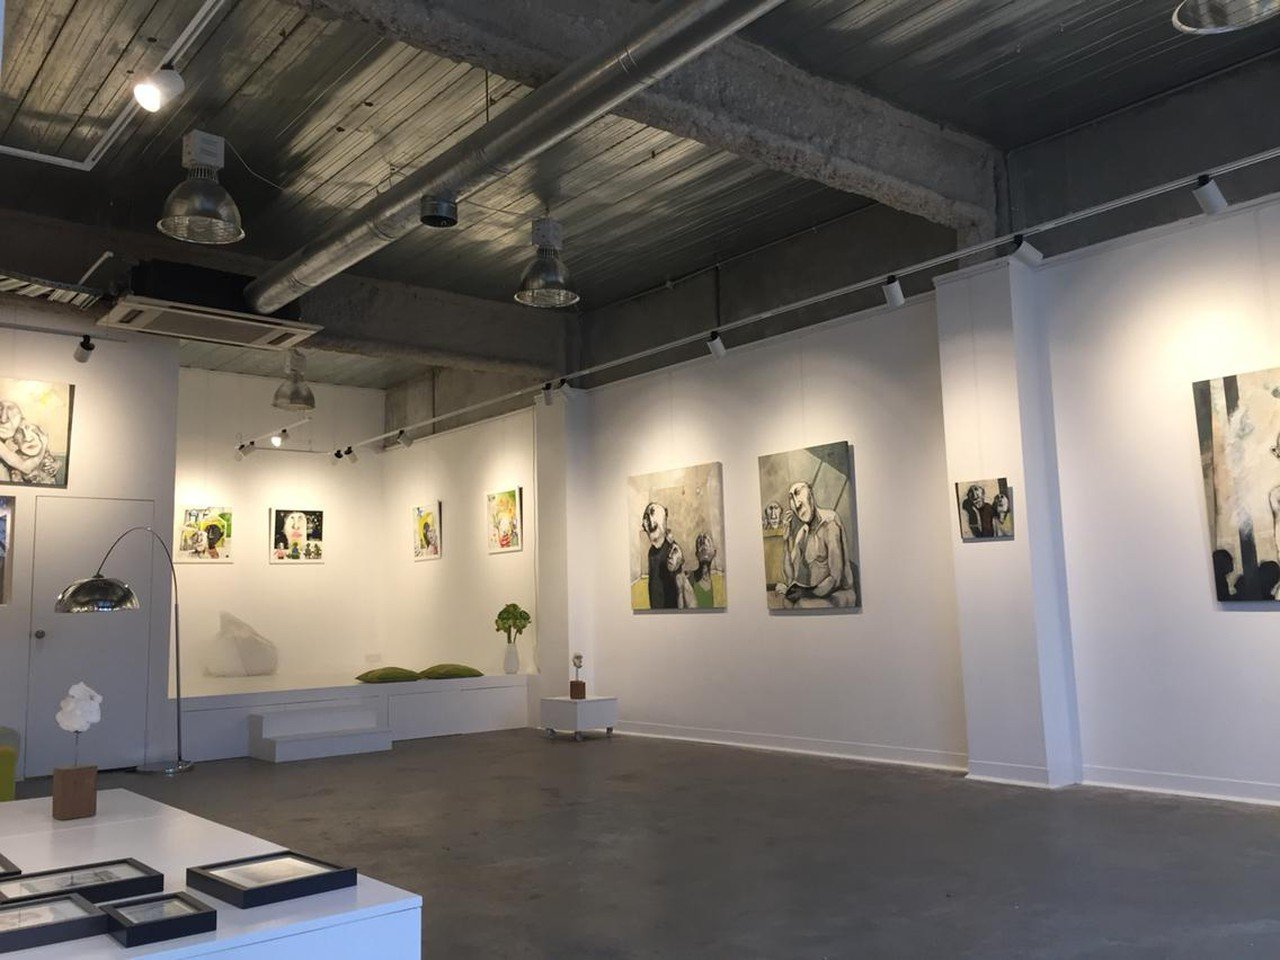 Melbourne corporate event venues Unusual Titane Laurent image 15